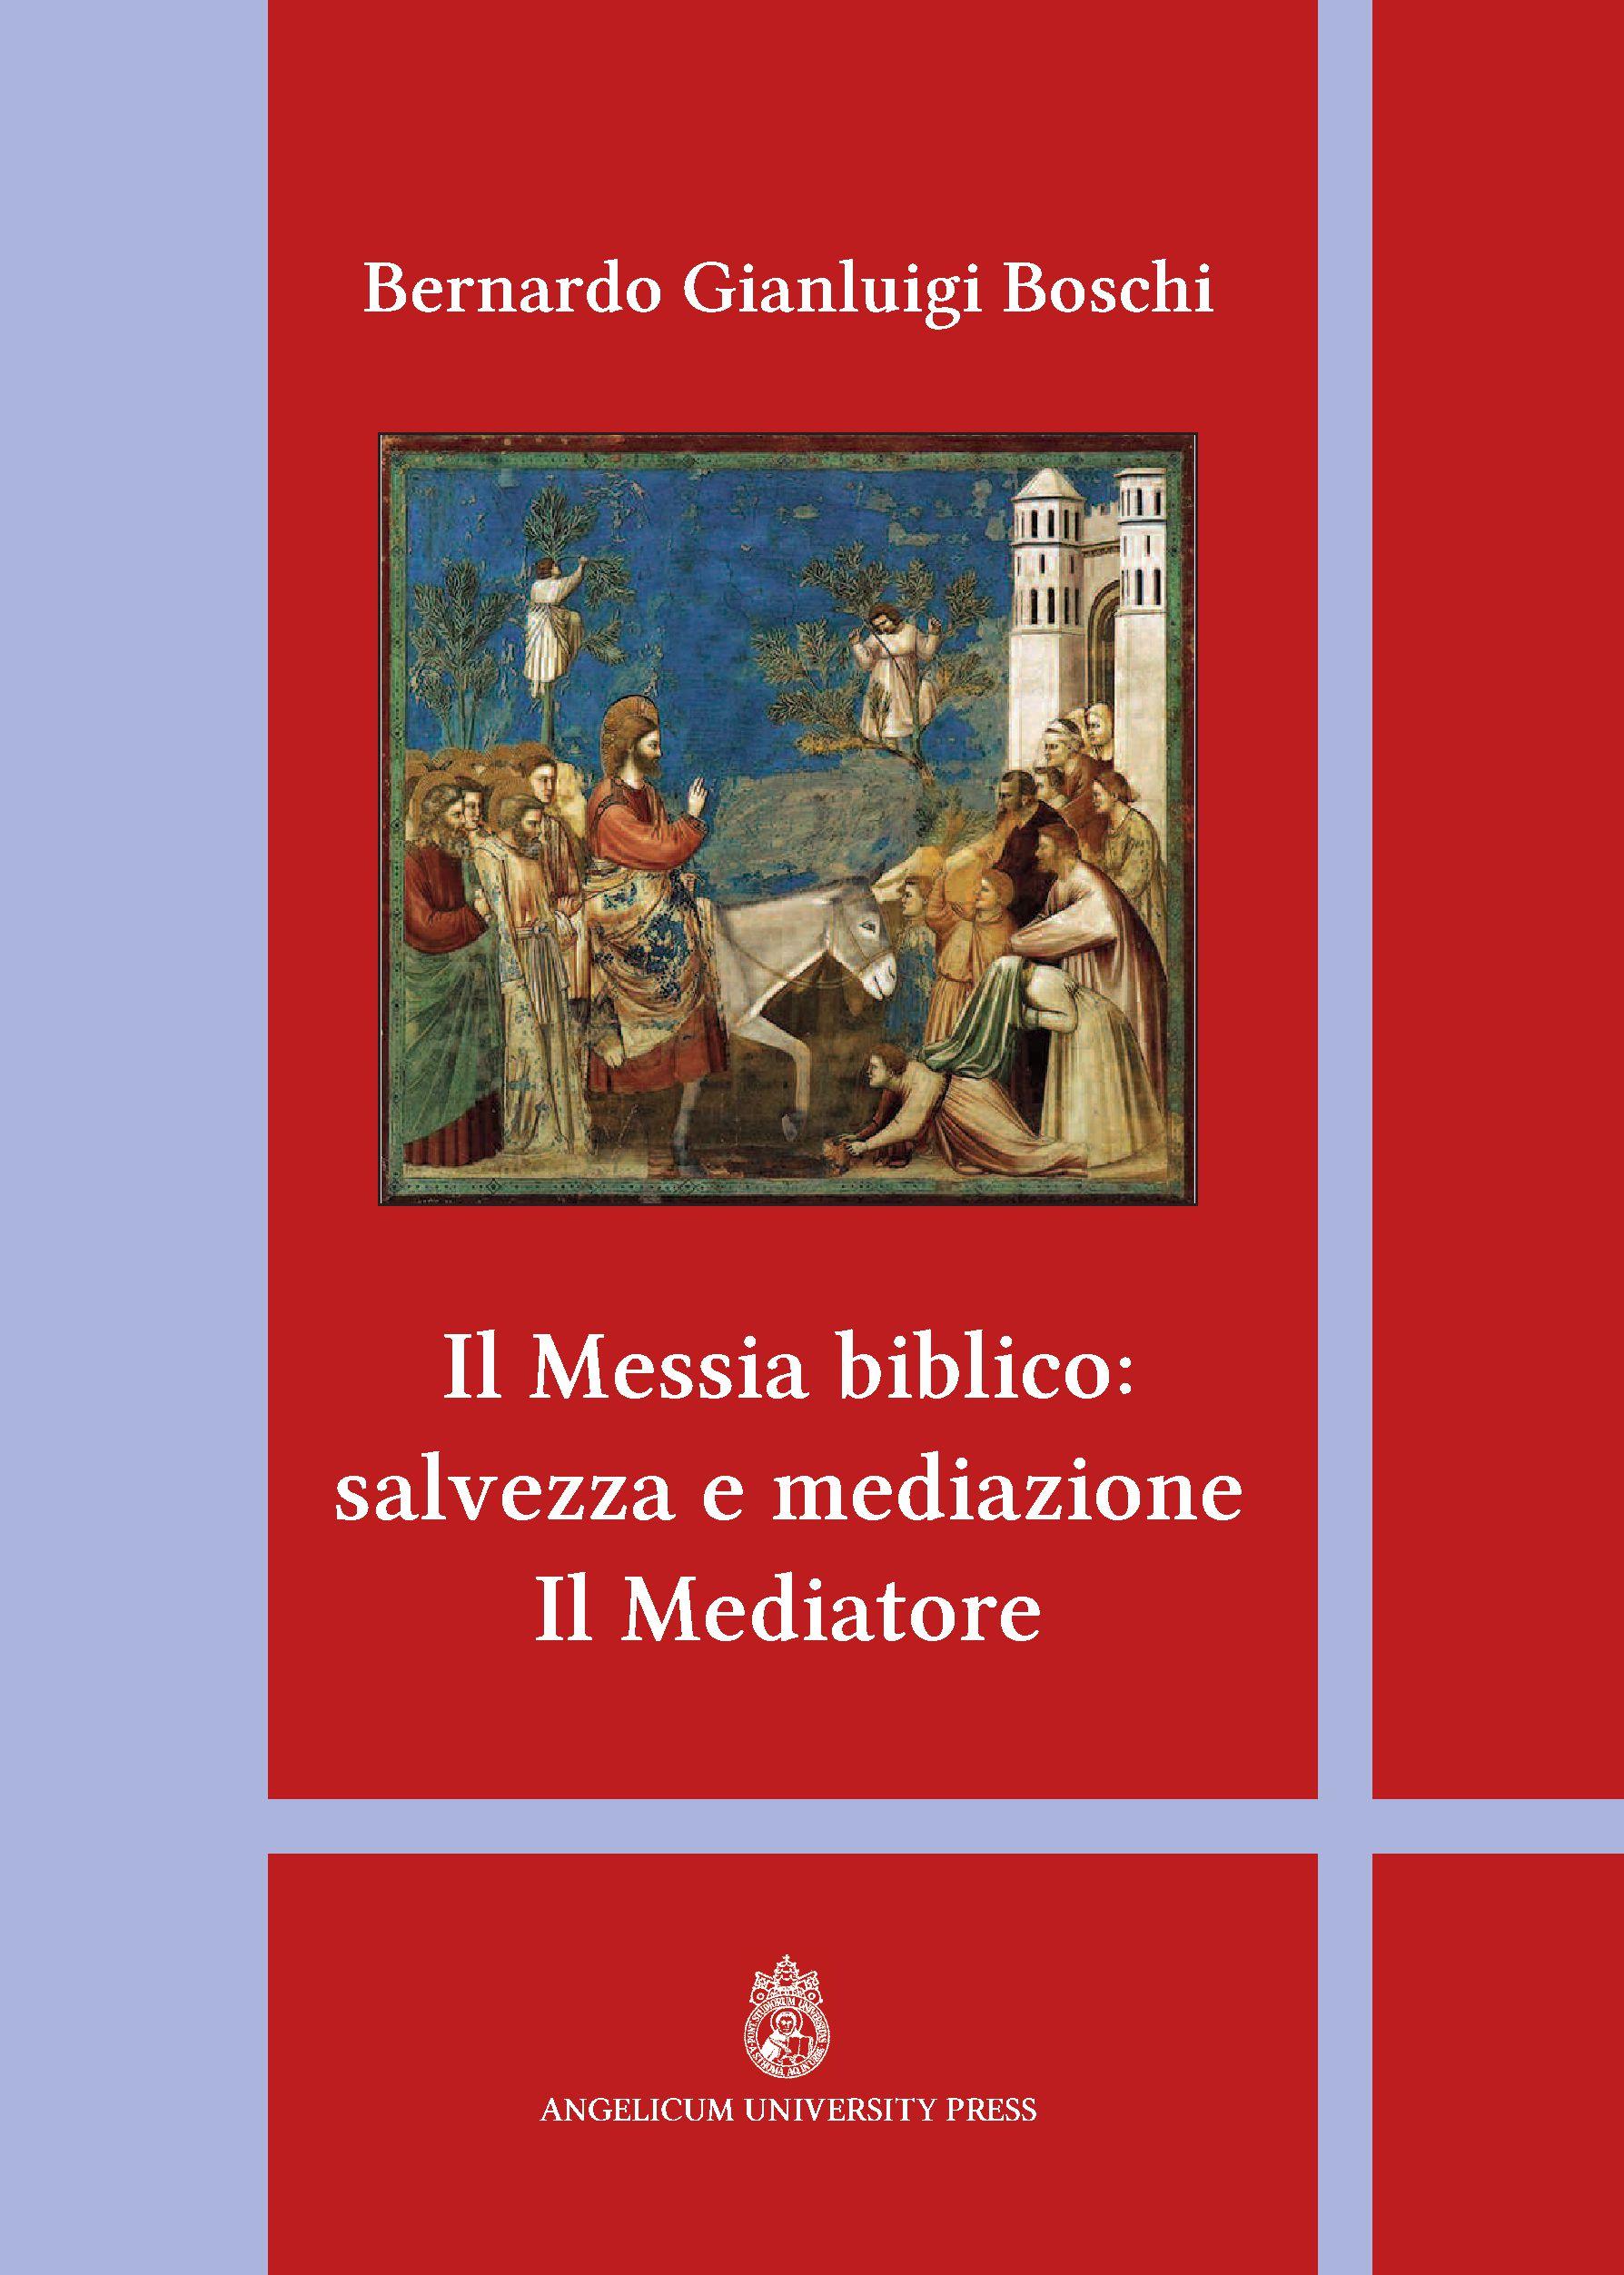 Il Messia biblico: salvezza e mediazione. Il Mediatore book cover